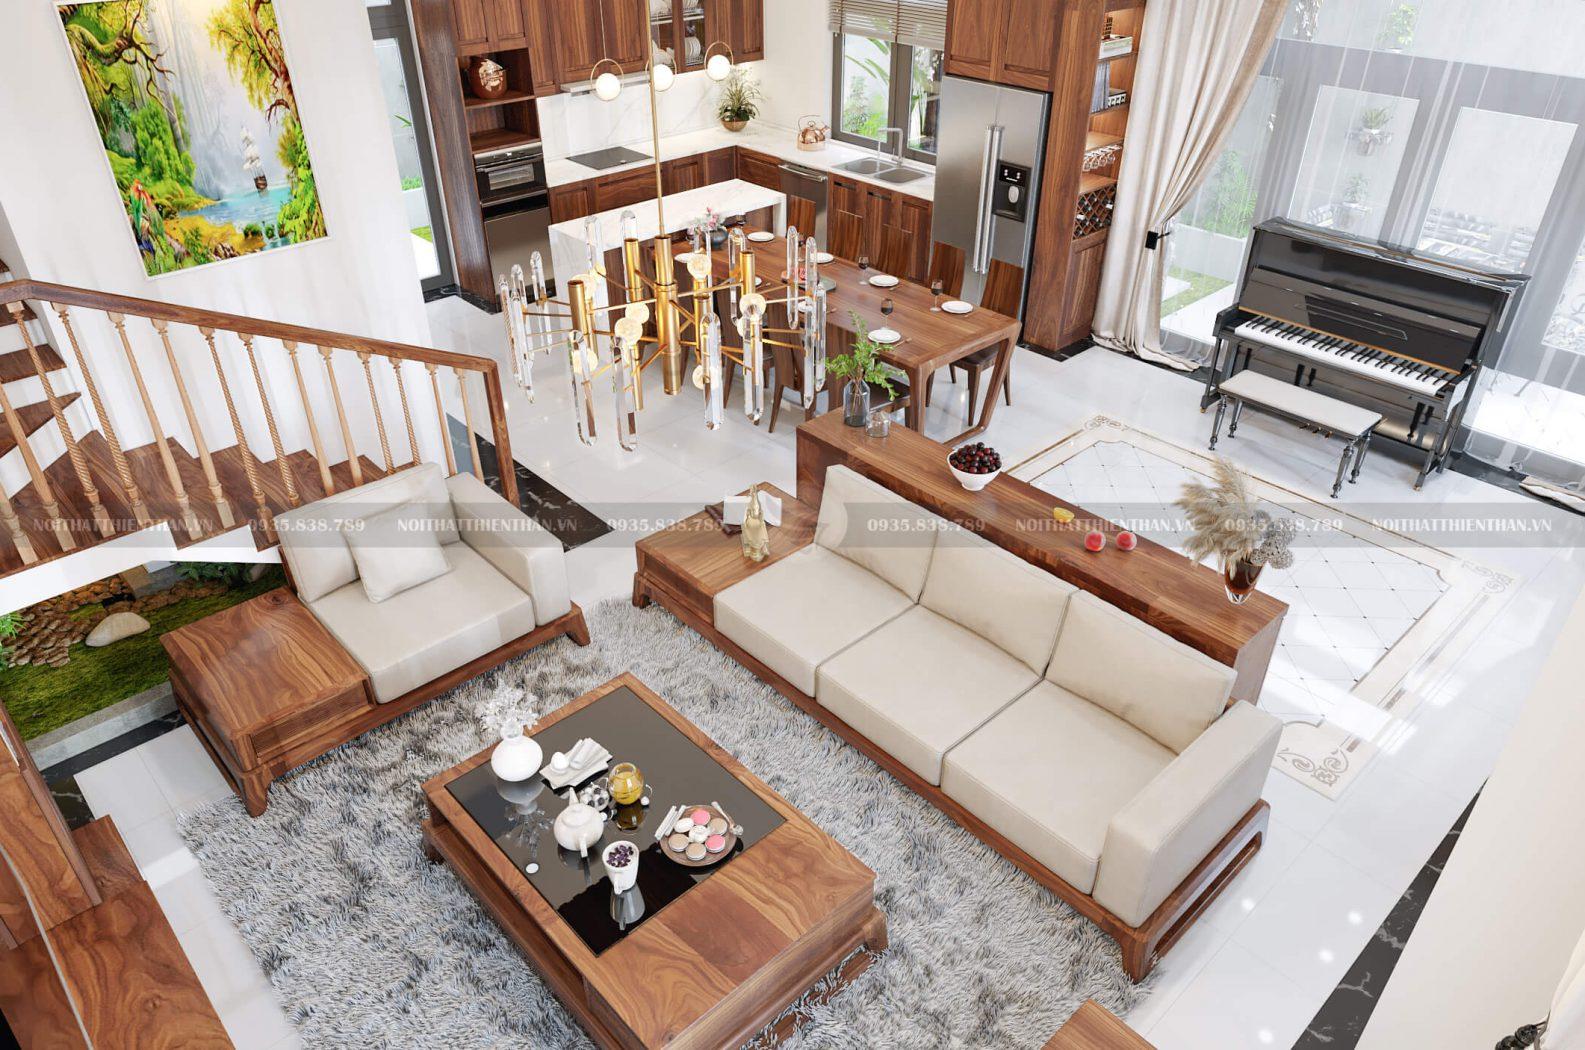 Thiết kế nội thất biệt thự Vinhomes Thanh Hóa